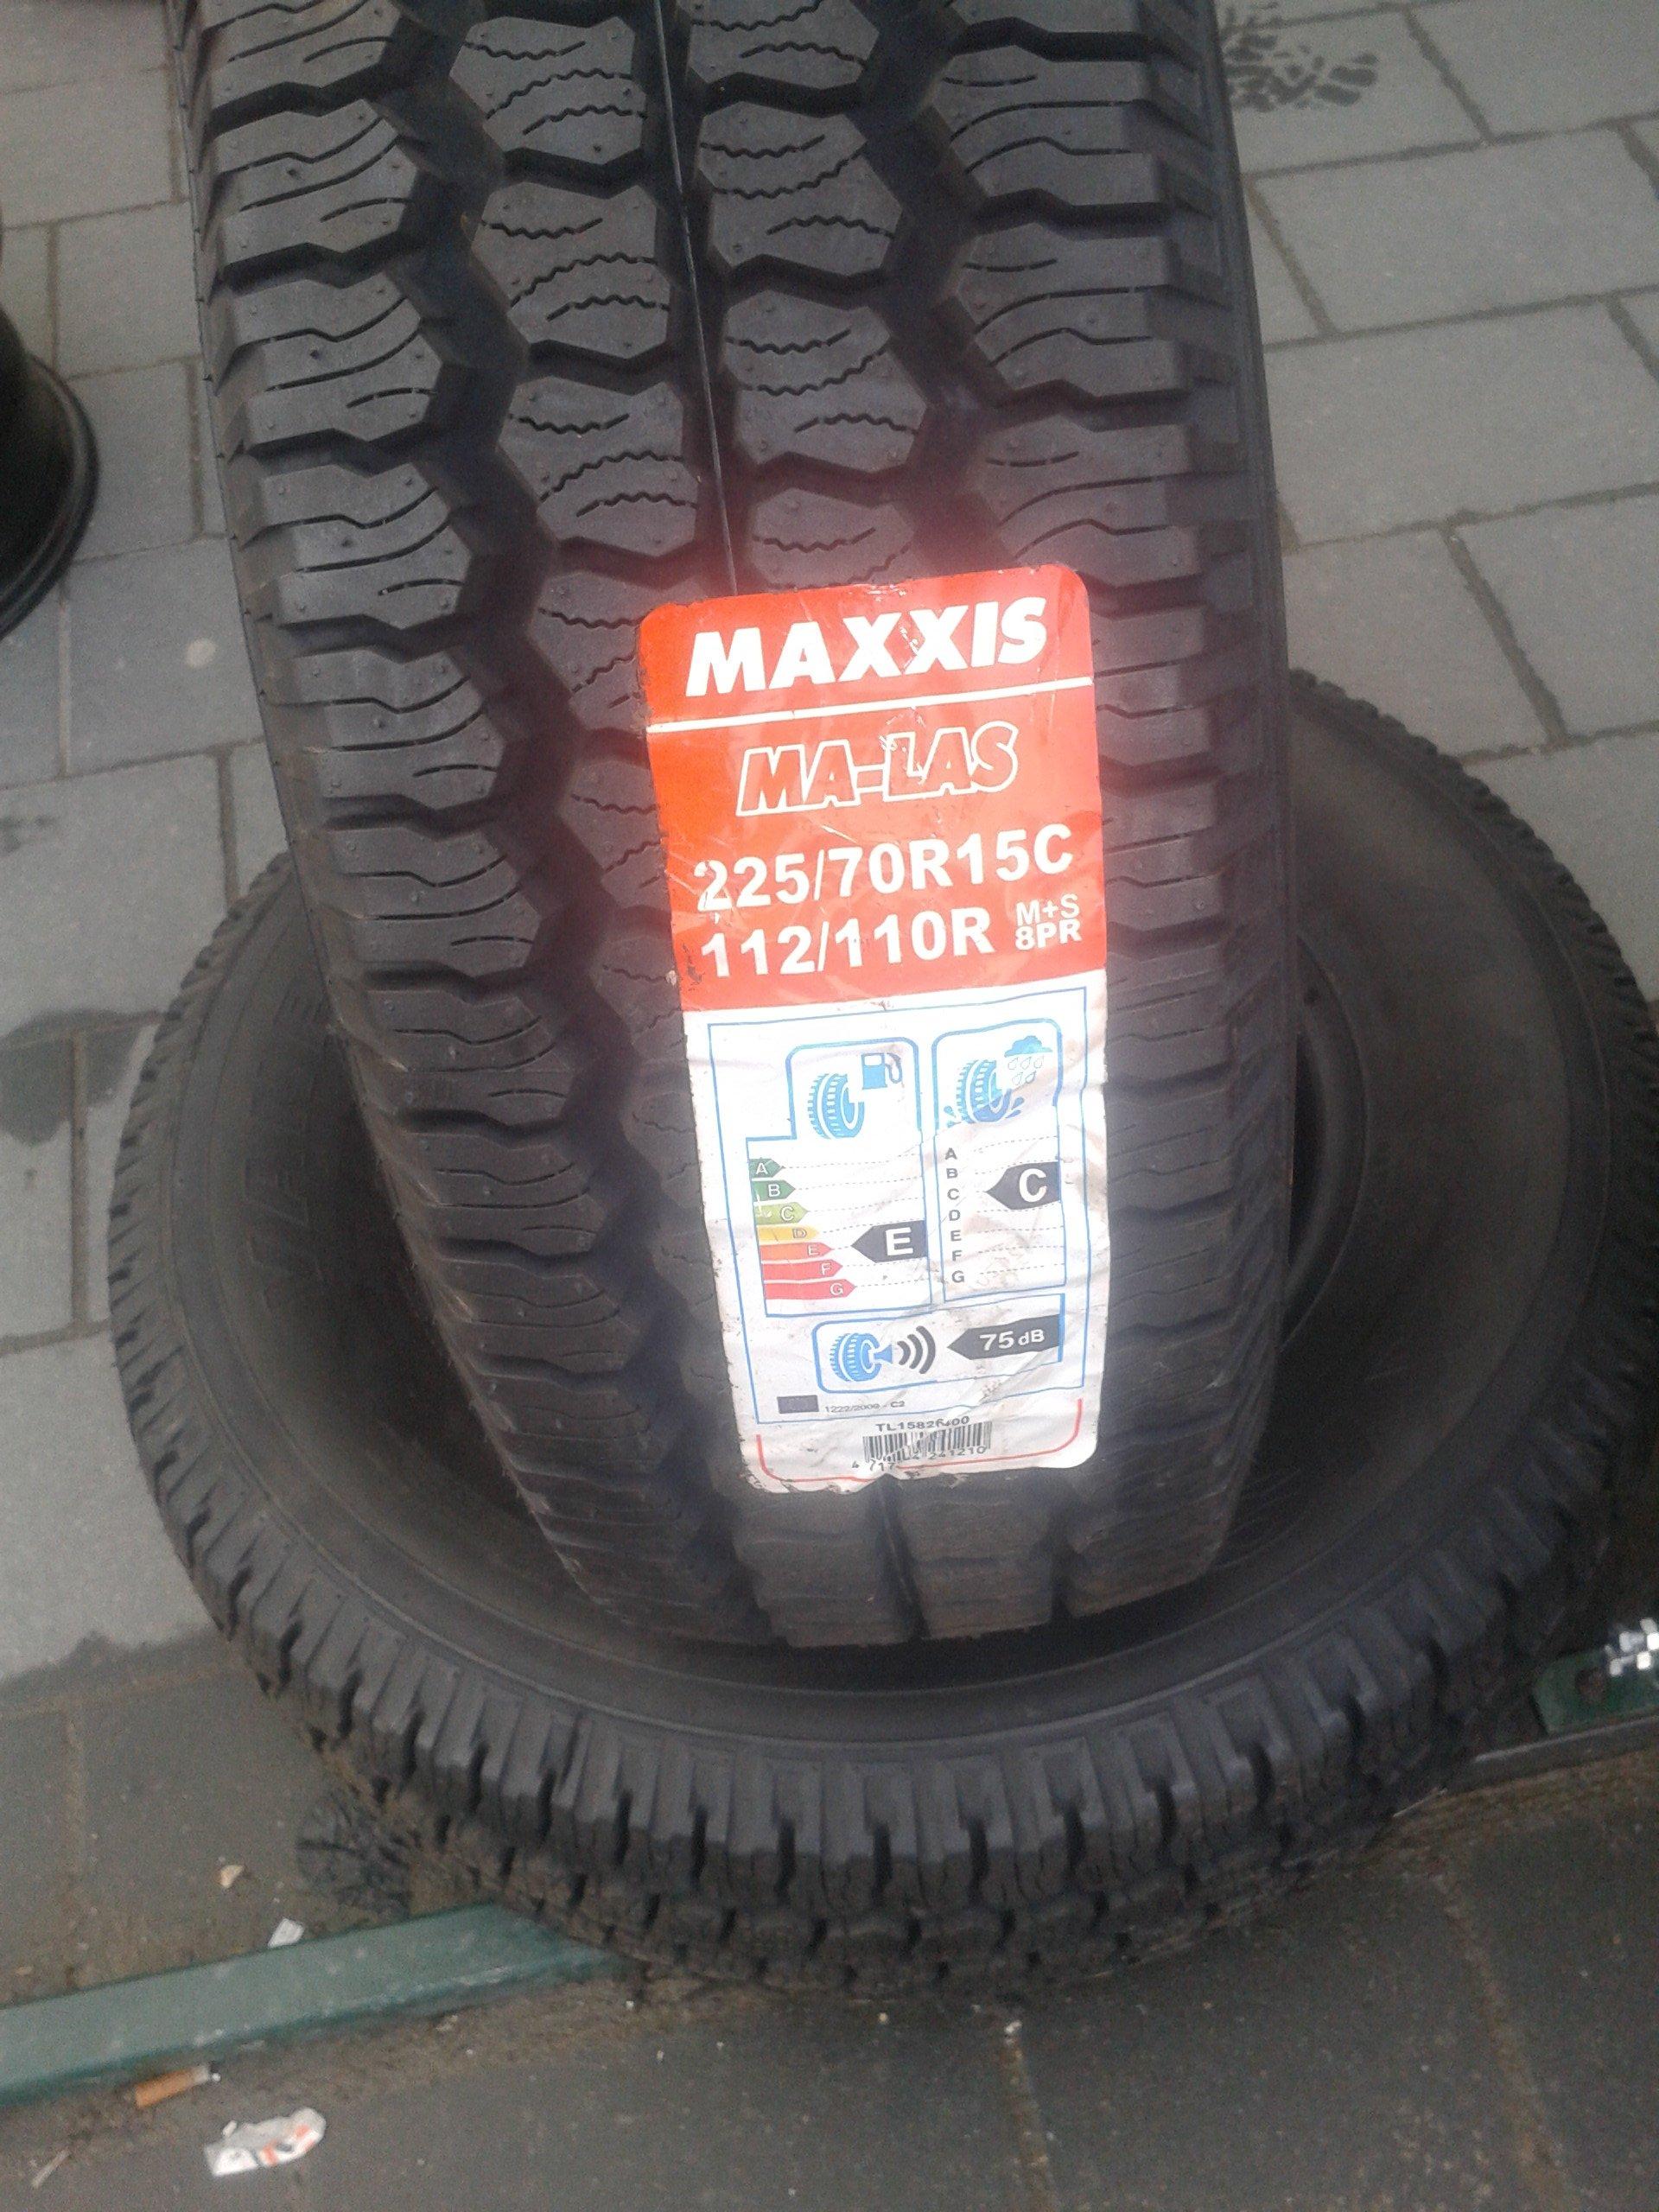 2x 22570r15c Opony Całoroczne Maxxis Ma Las Nowe 7059808140